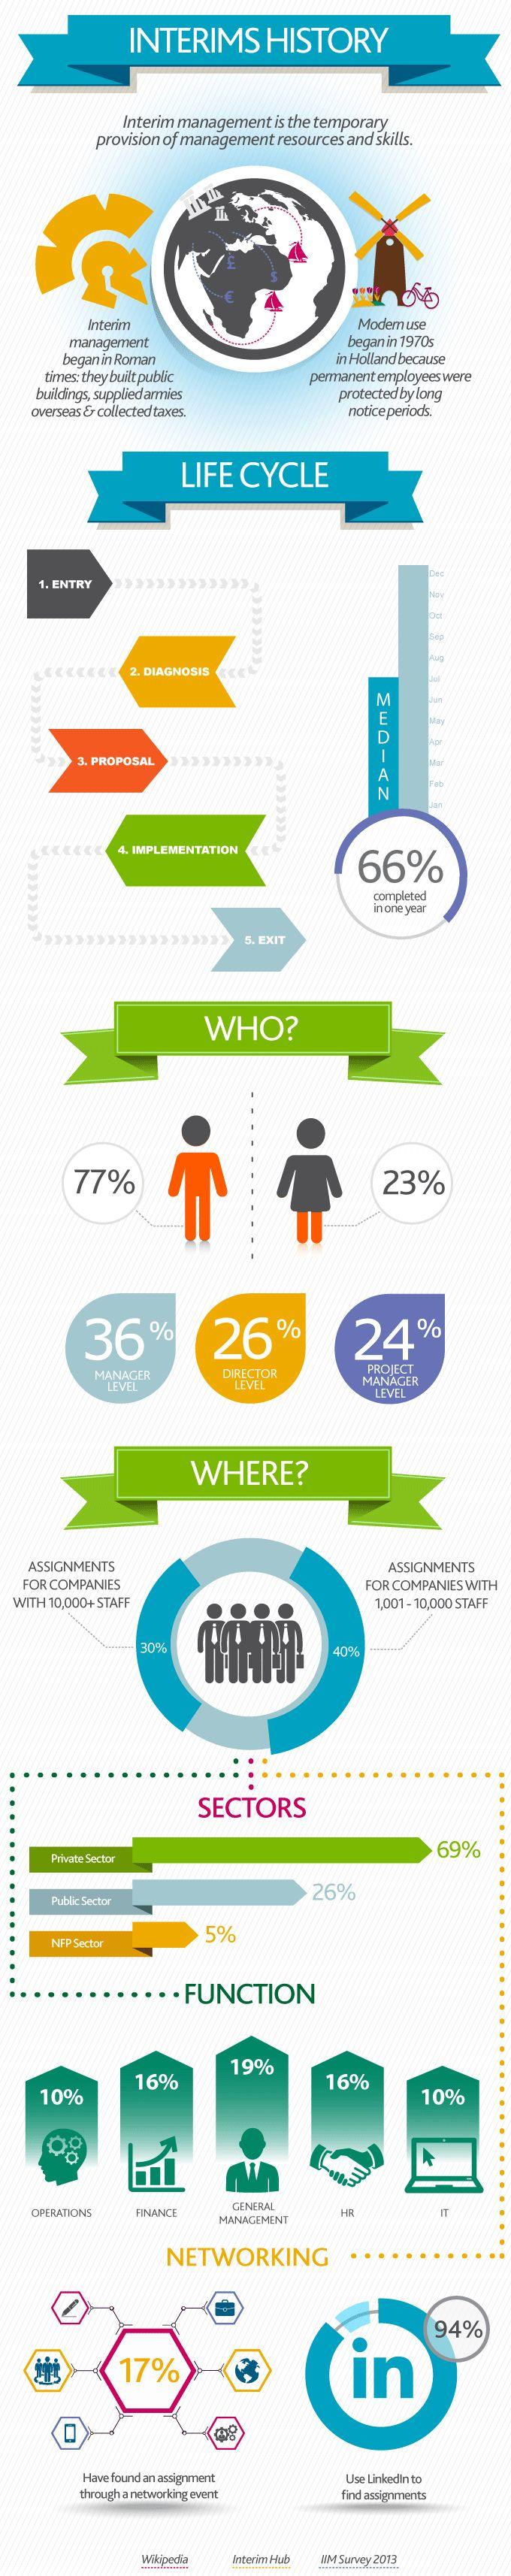 Interim Management Infographic - Capita PLC